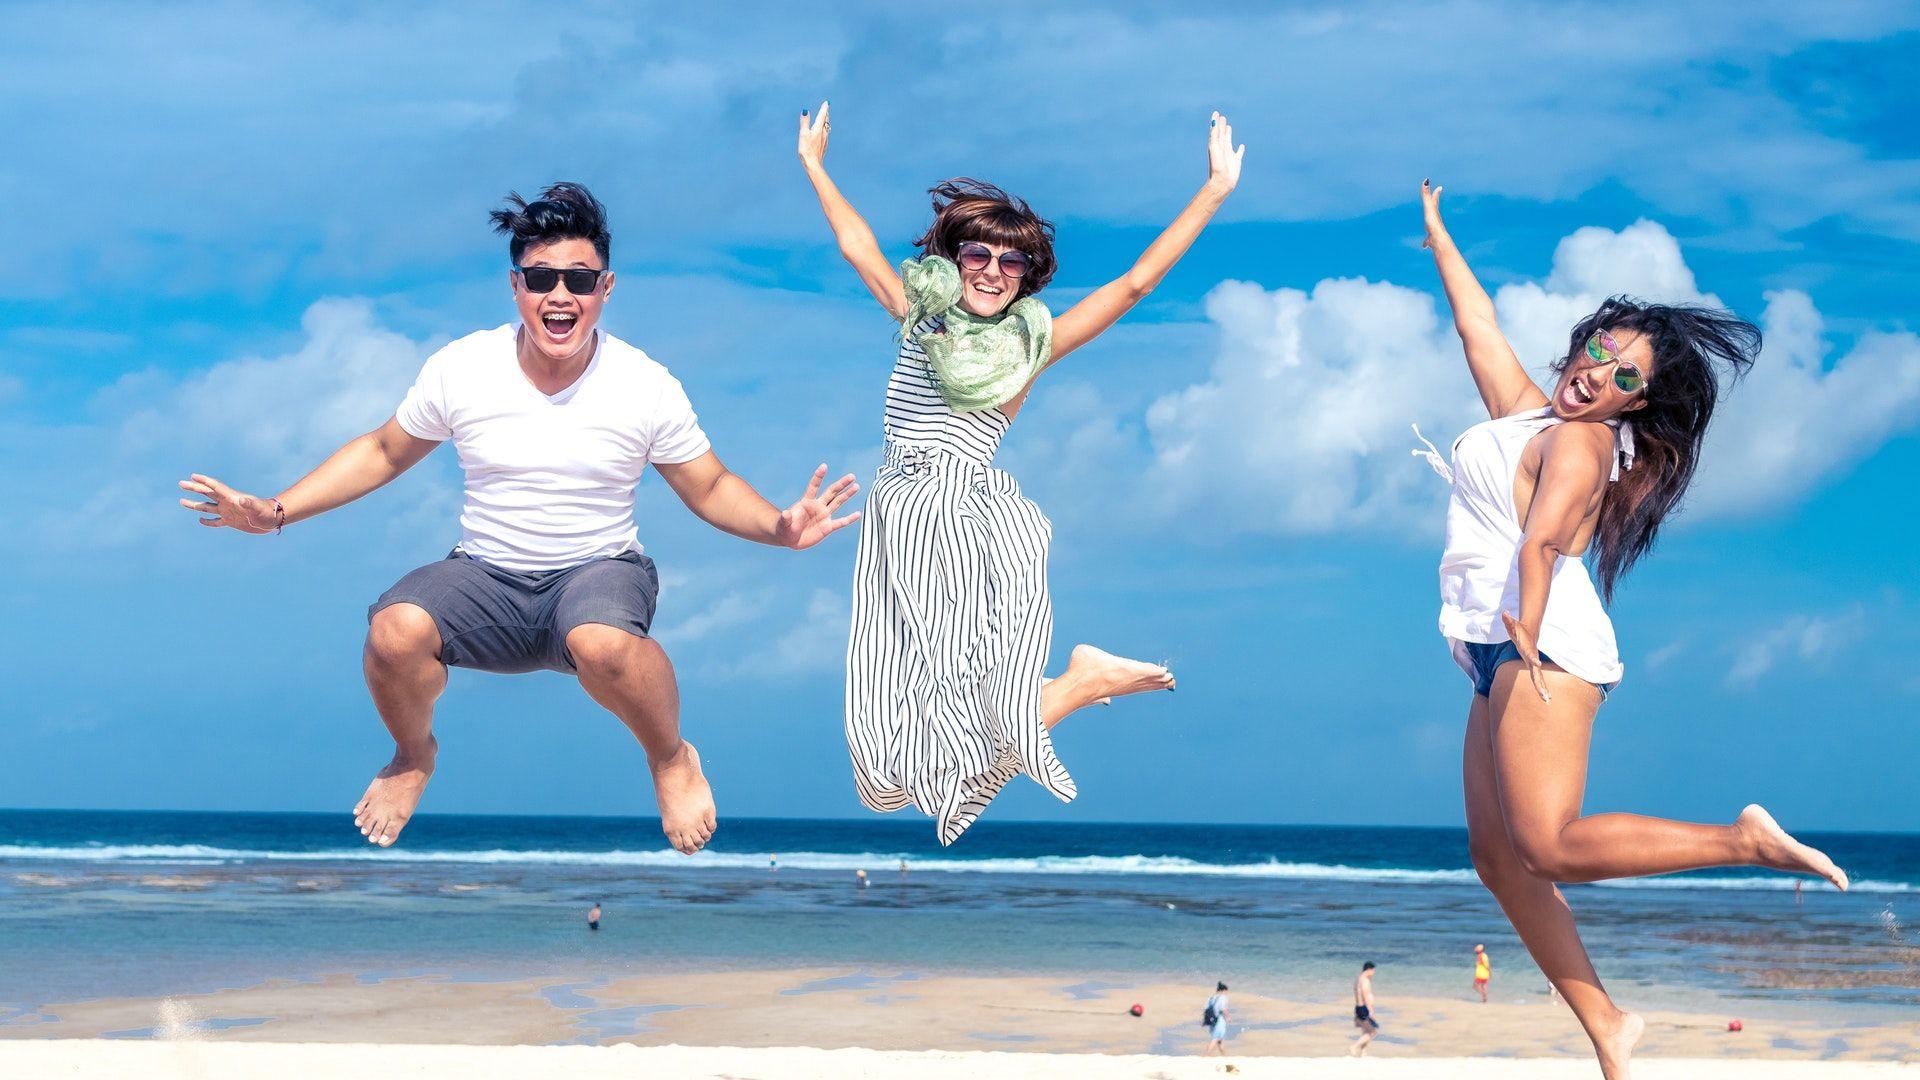 vakáció, tengerpart, szülők, boldogság